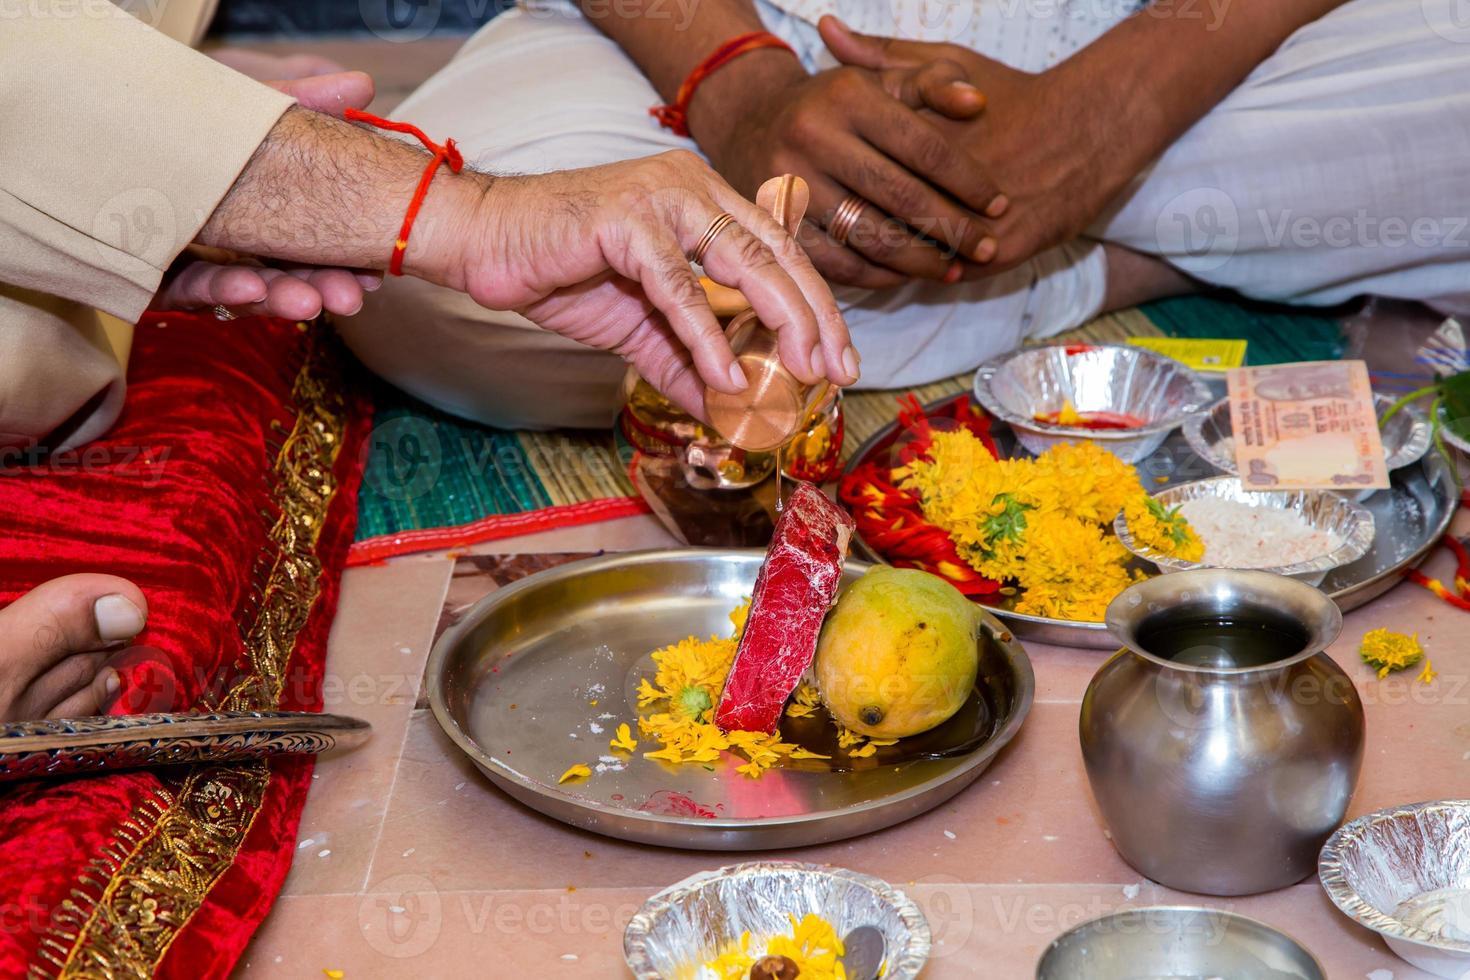 toewijding en uitnodiging voor Lord Ganesha op een Indiase bruiloft foto